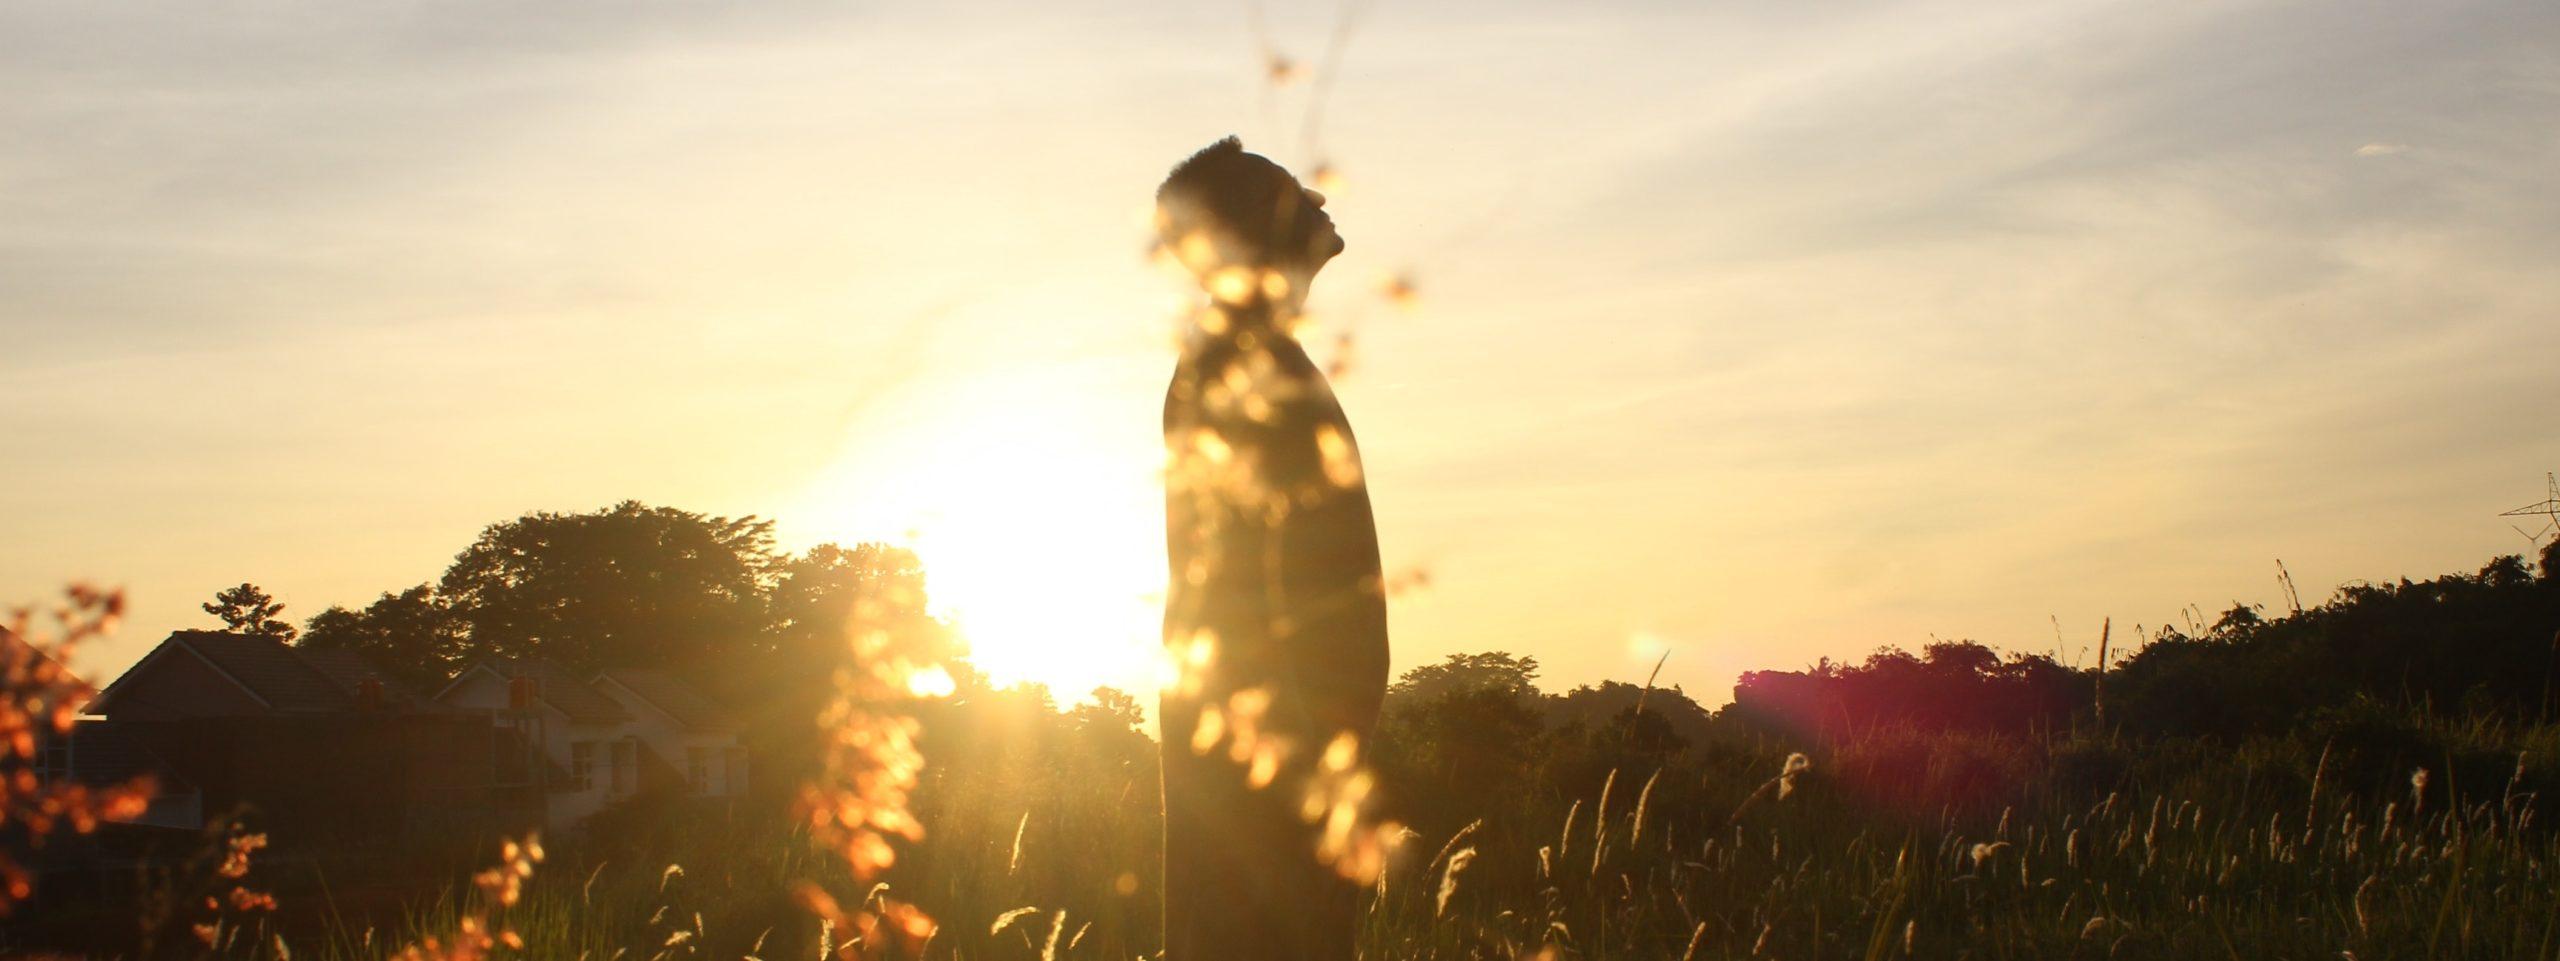 conseils anti deprime en medecine naturelle avec sarah chauliaguet